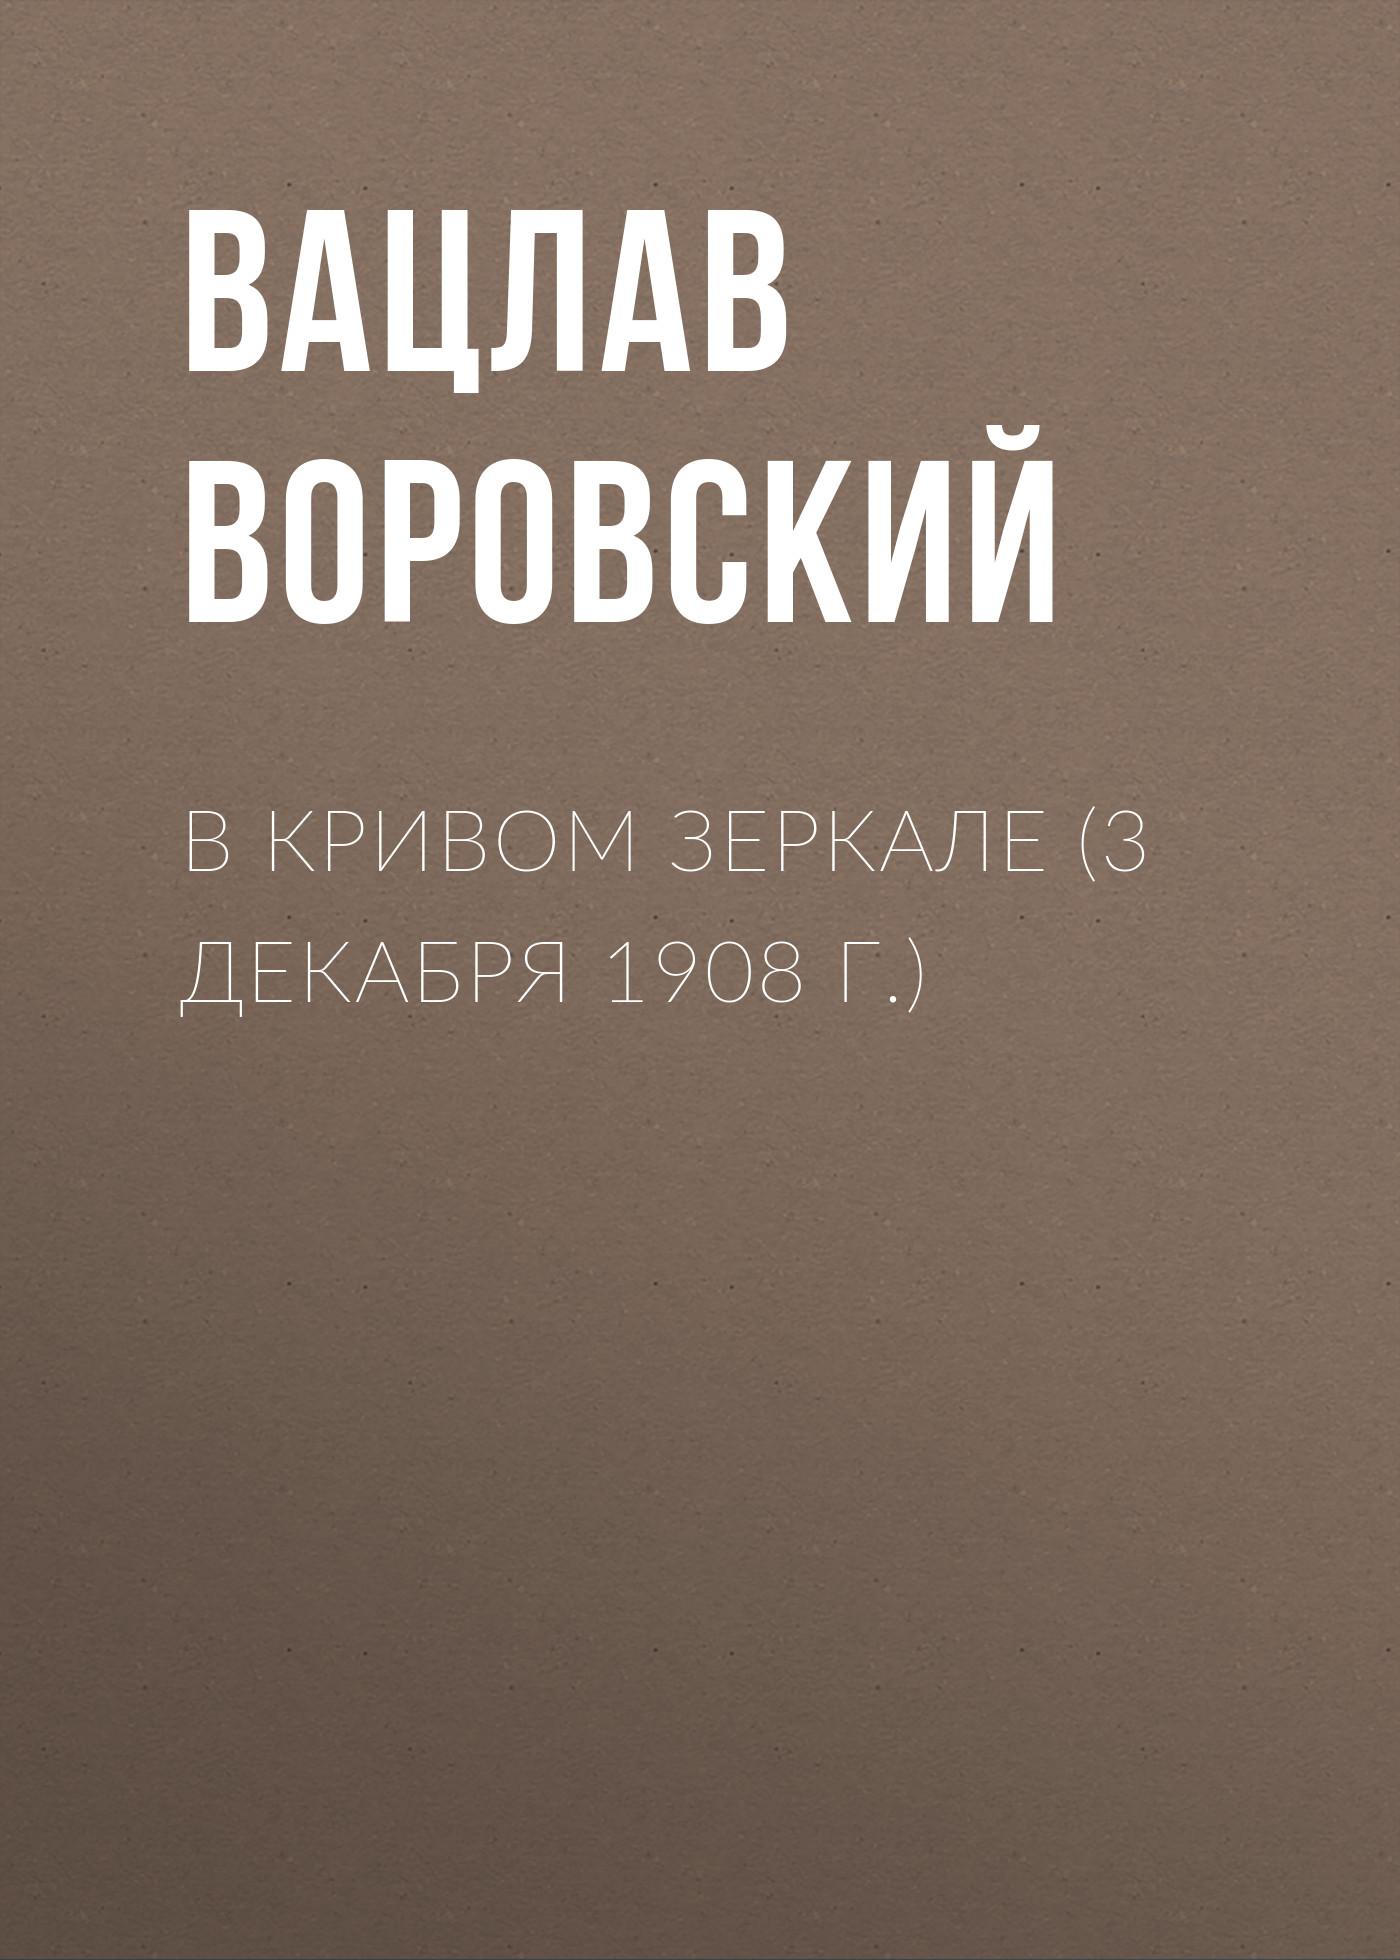 Вацлав Воровский В кривом зеркале (3 декабря 1908 г.) вацлав воровский цыпочка